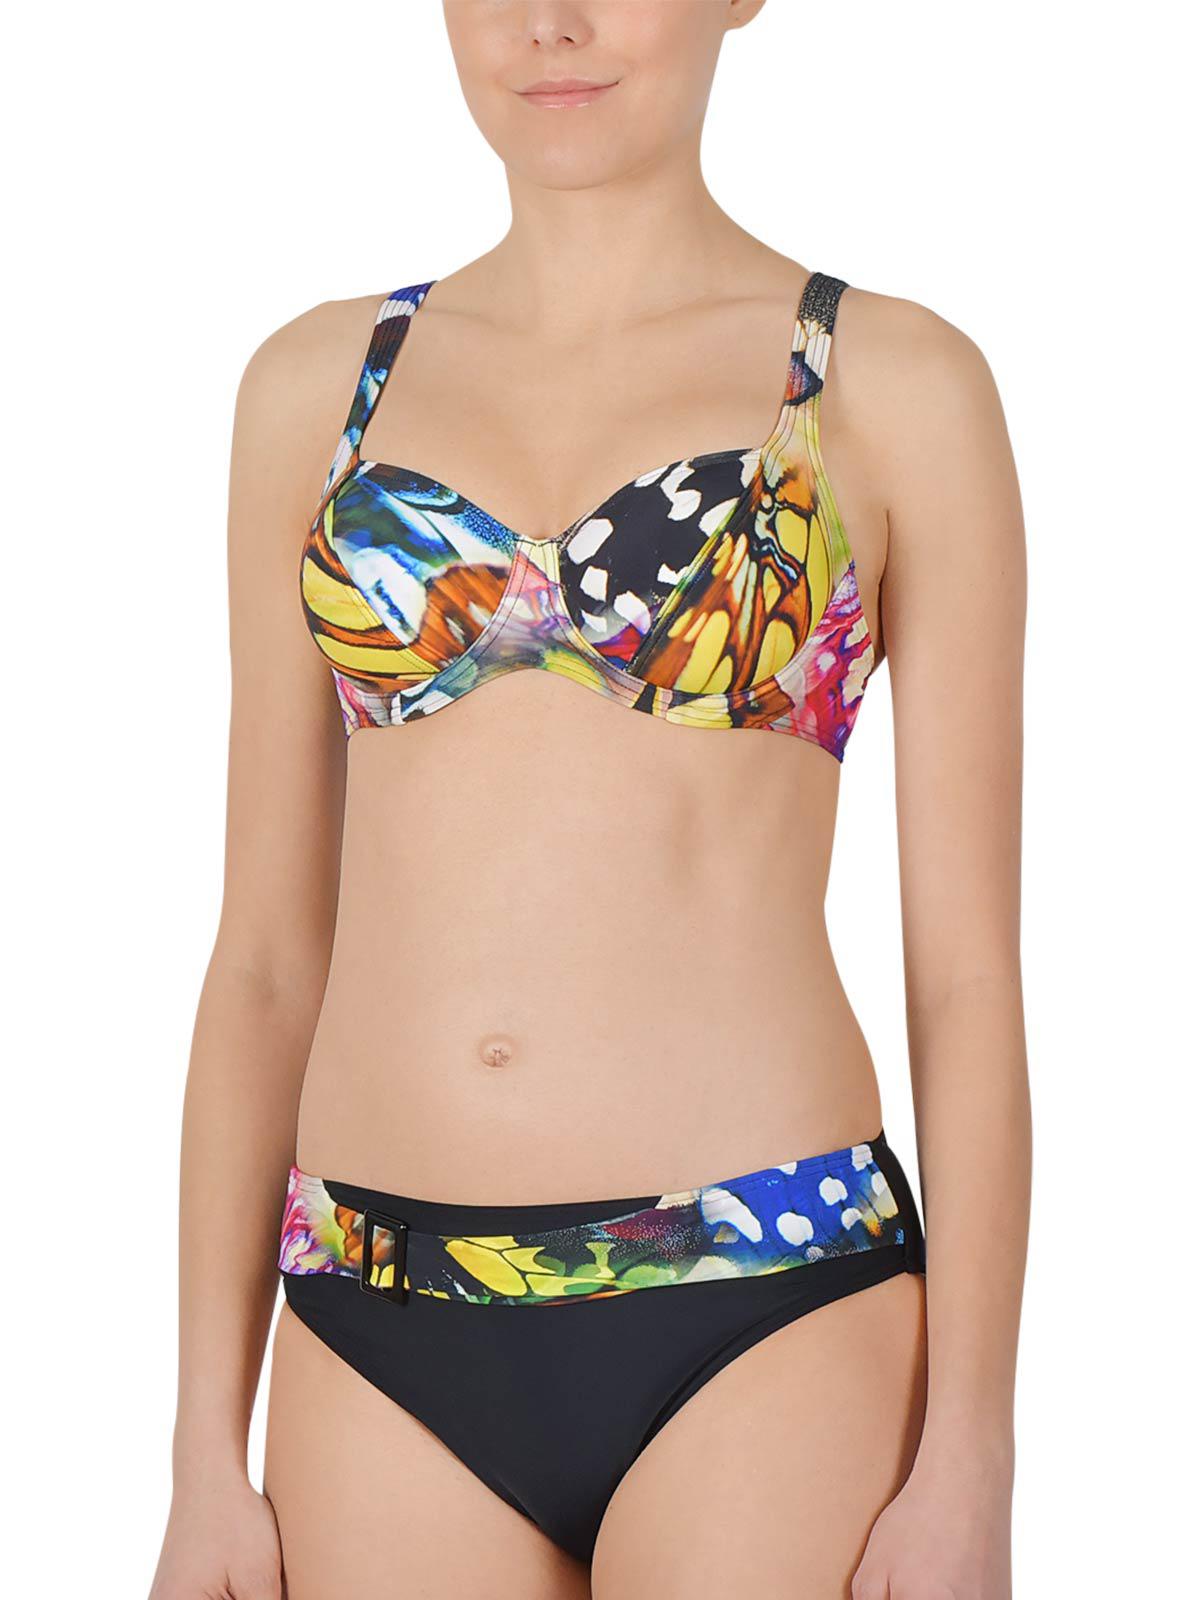 NATURANA Damen Bügel-Bikini 72511 Gr. 38-46 B-E